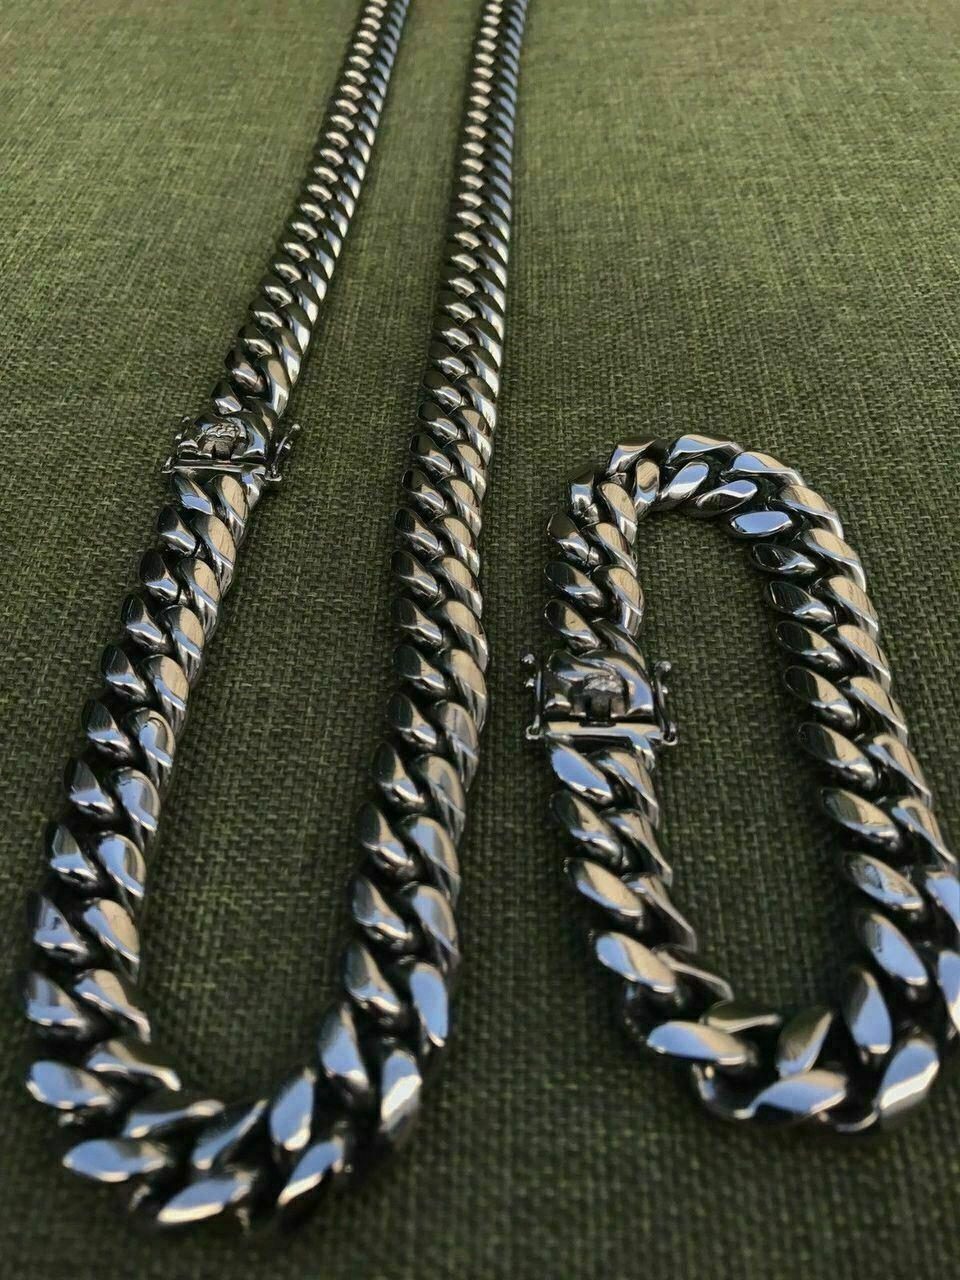 12mm Erkek Miami Küba Link Bilezik Zincir Seti Paslanmaz Çelik Gibi Gibi Gibi